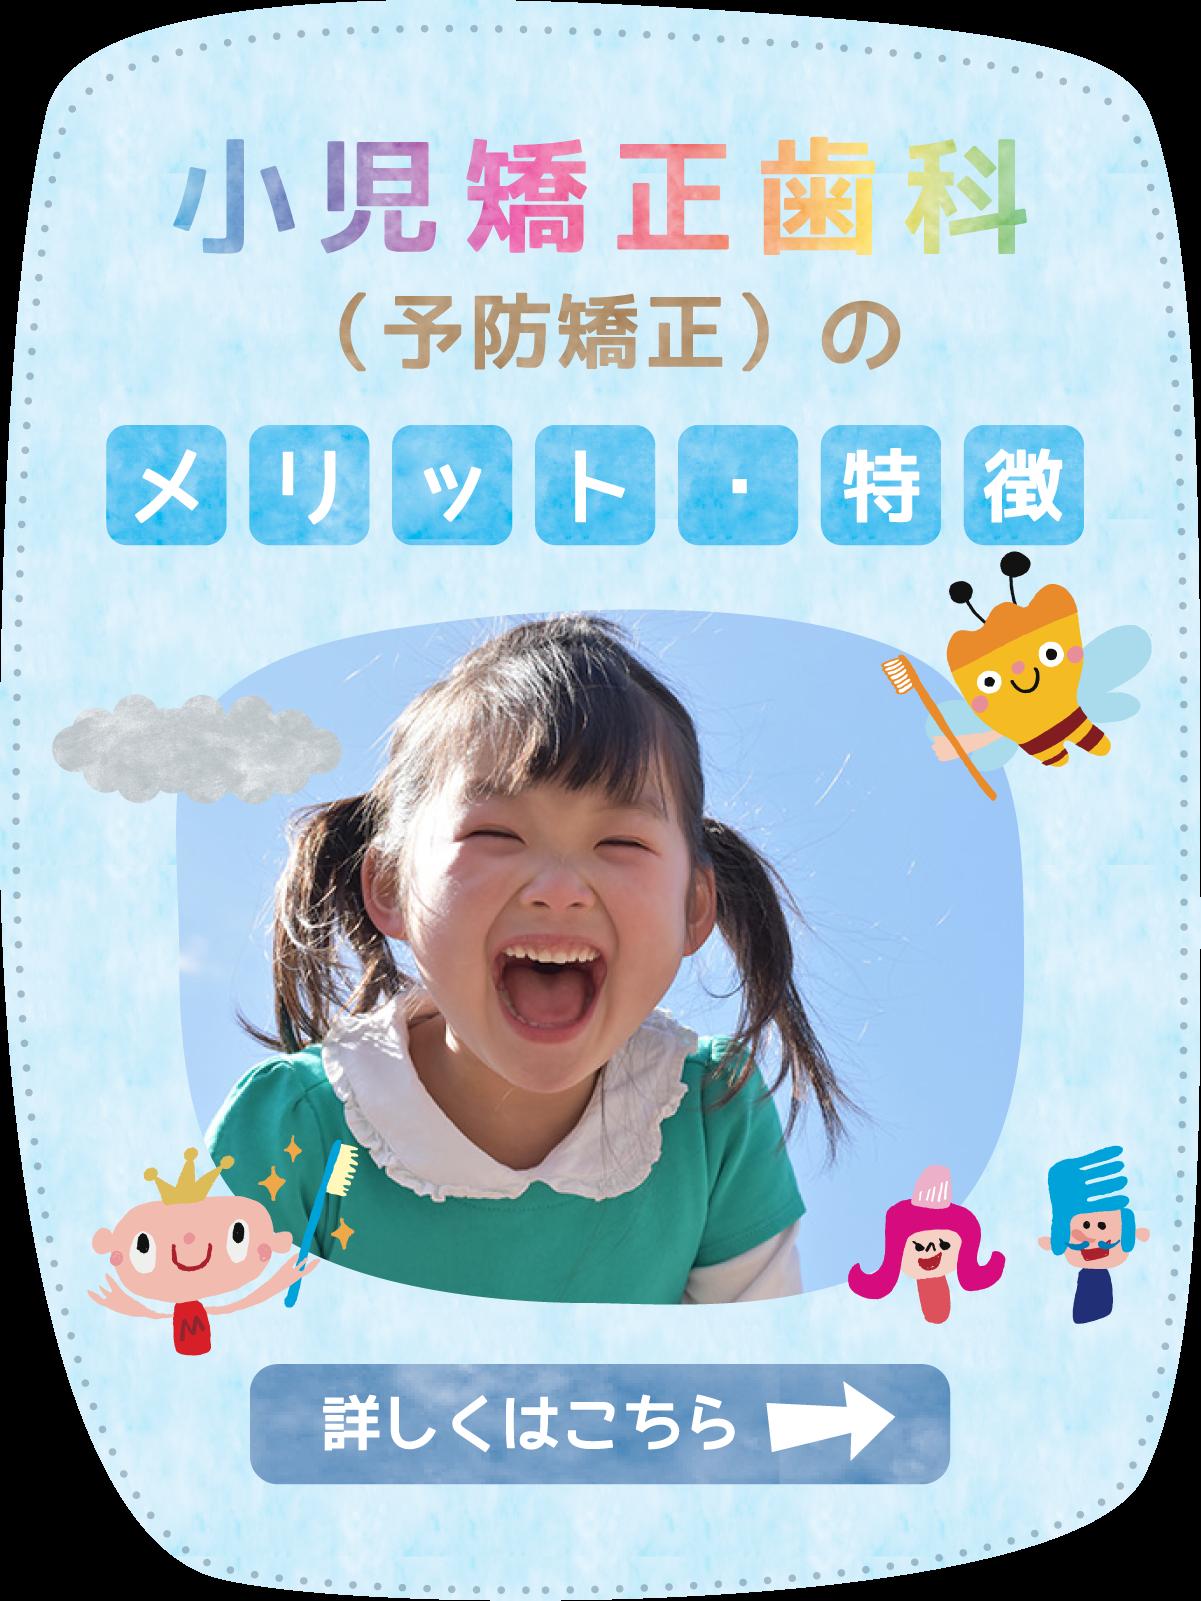 小児矯正歯科(予防矯正)のメリット・特徴